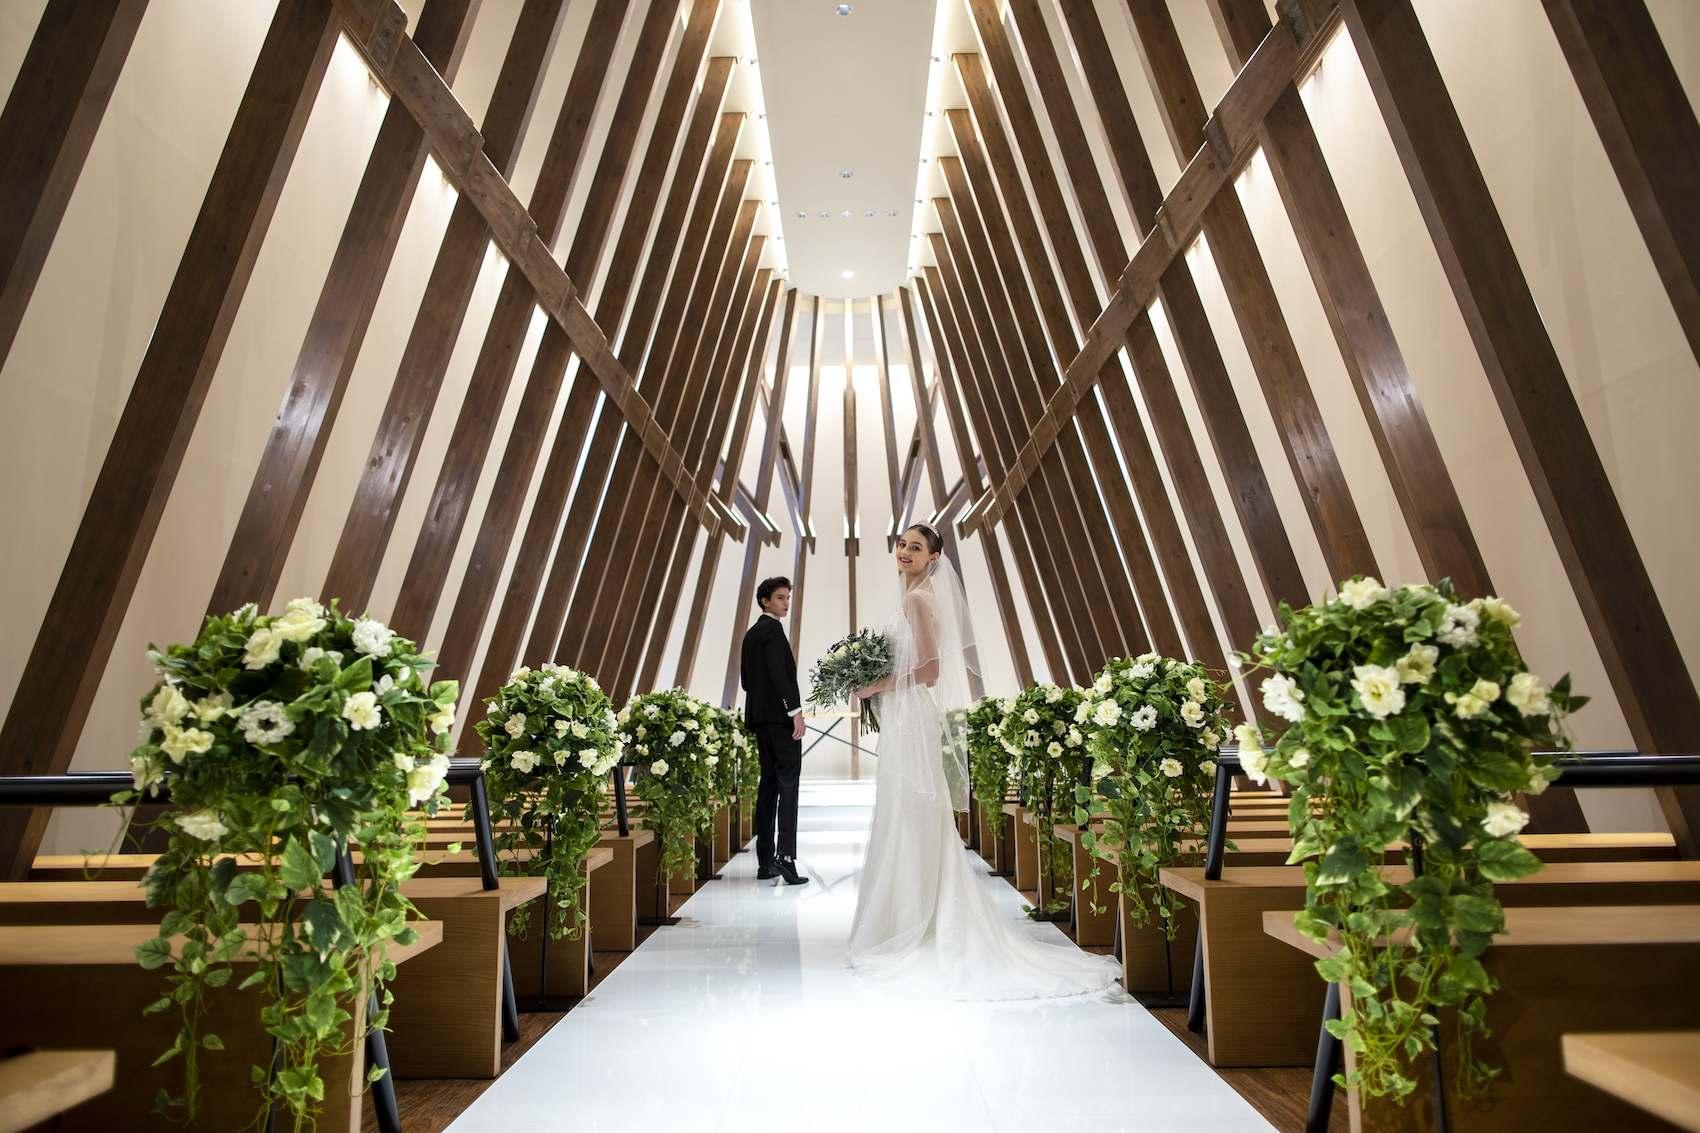 香川県高松市の結婚式場アナザースタイルの森のチャペル